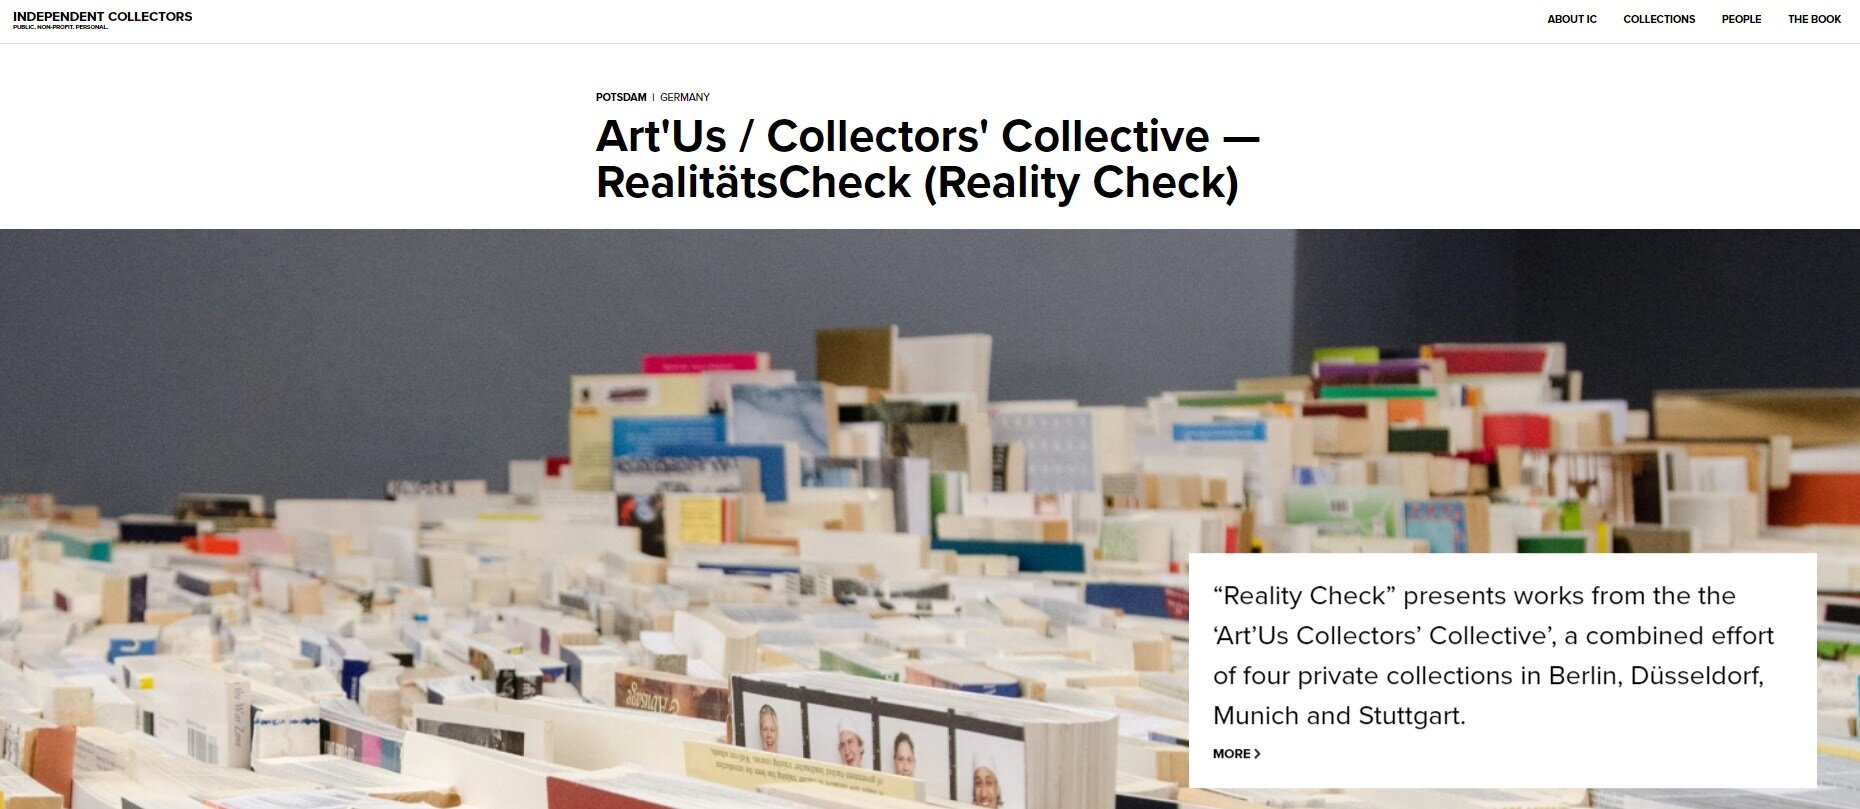 2019-09 - Potsdam - Independent Collectors.jpg